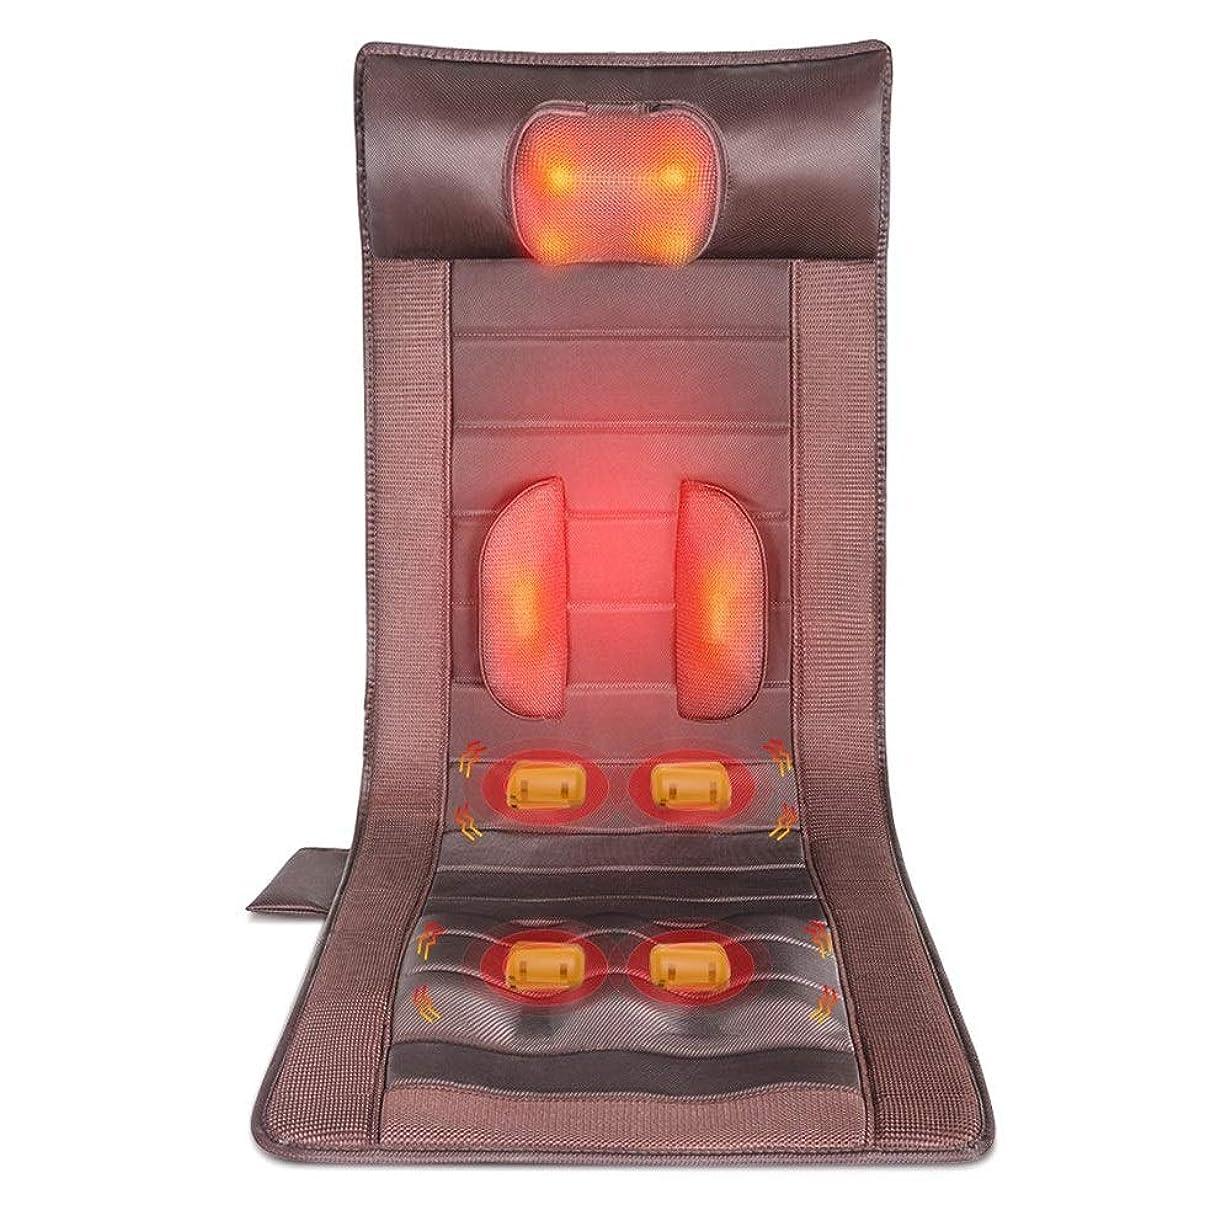 プライムすき伝説マッサージマットレス 頸部マッサージャー首肩ウエストフルボディ温水マッサージマットレス快適な家で完璧なマッサージをお楽しみください (色 : Picture, サイズ : FREE SIZE)